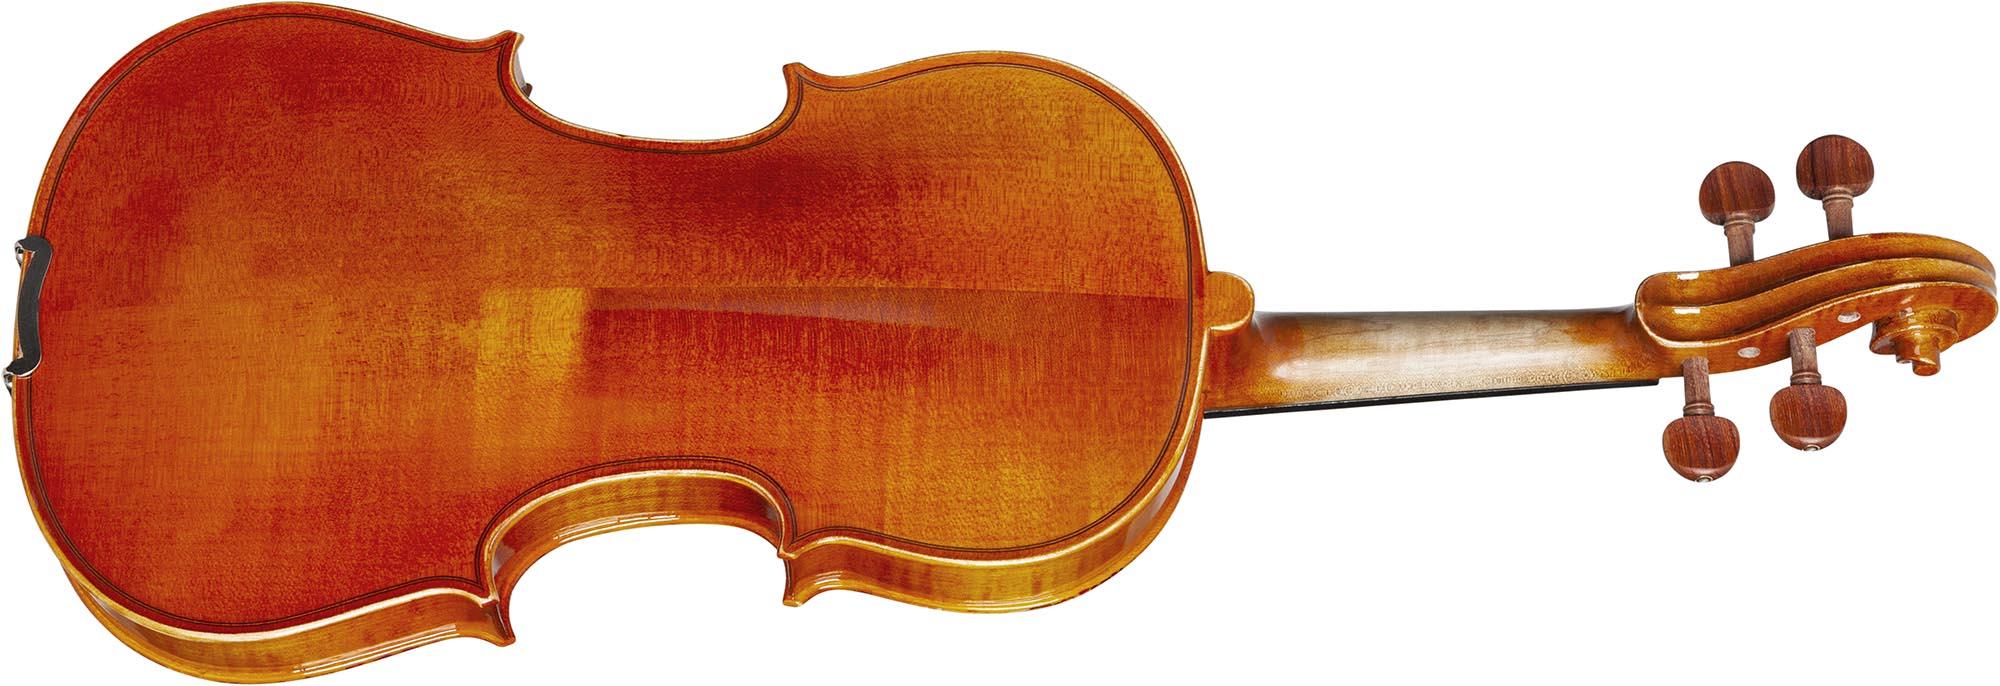 ve445 violino eagle ve445 visao posterior